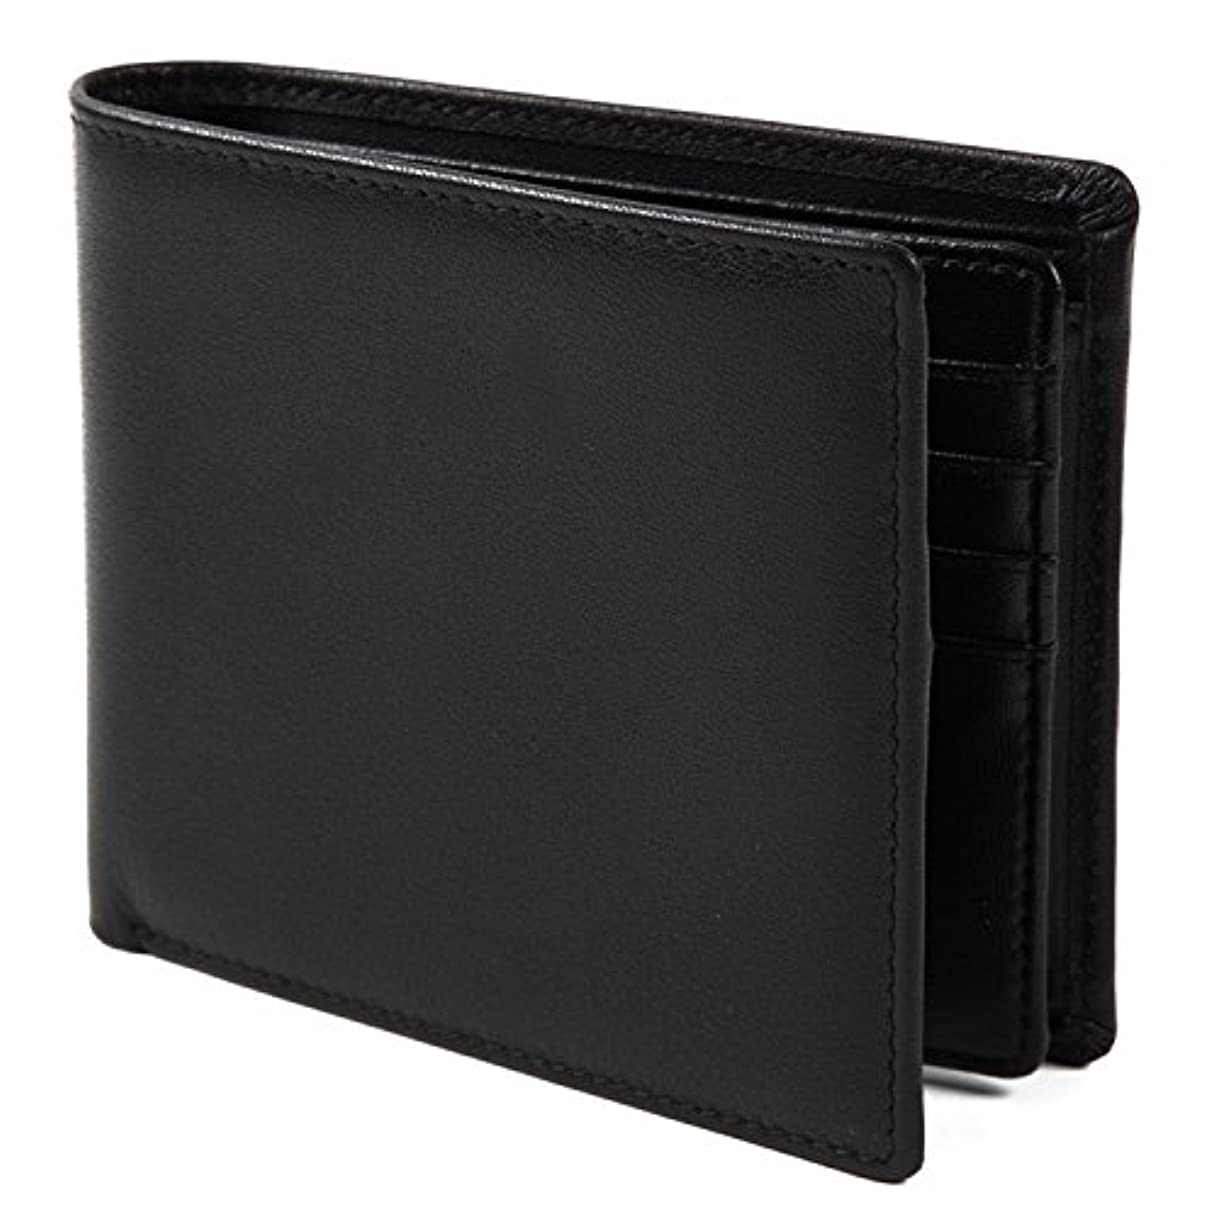 相互接続わなスポット【Avangly】二つ折り 財布 本革 大容量 メンズ ボックス型小銭入れ 隠しポケット付き 二つ折り財布